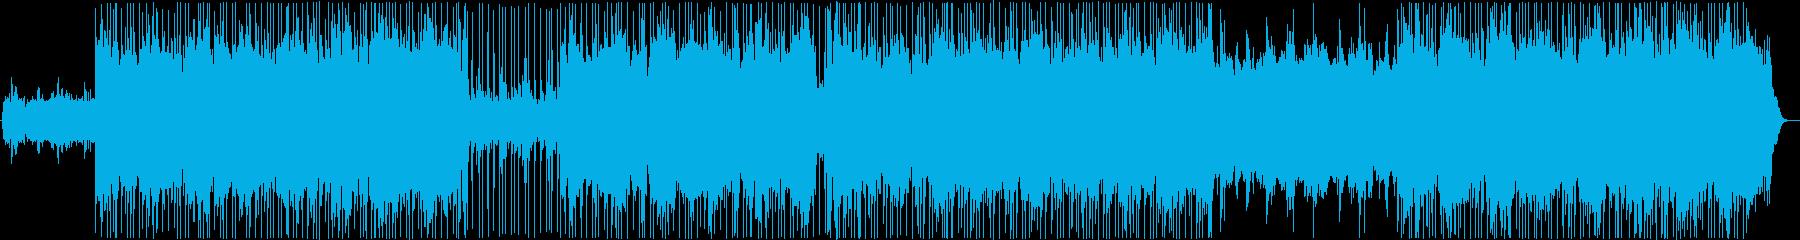 お洒落Lofiチルヒップホップ※ノイズ有の再生済みの波形